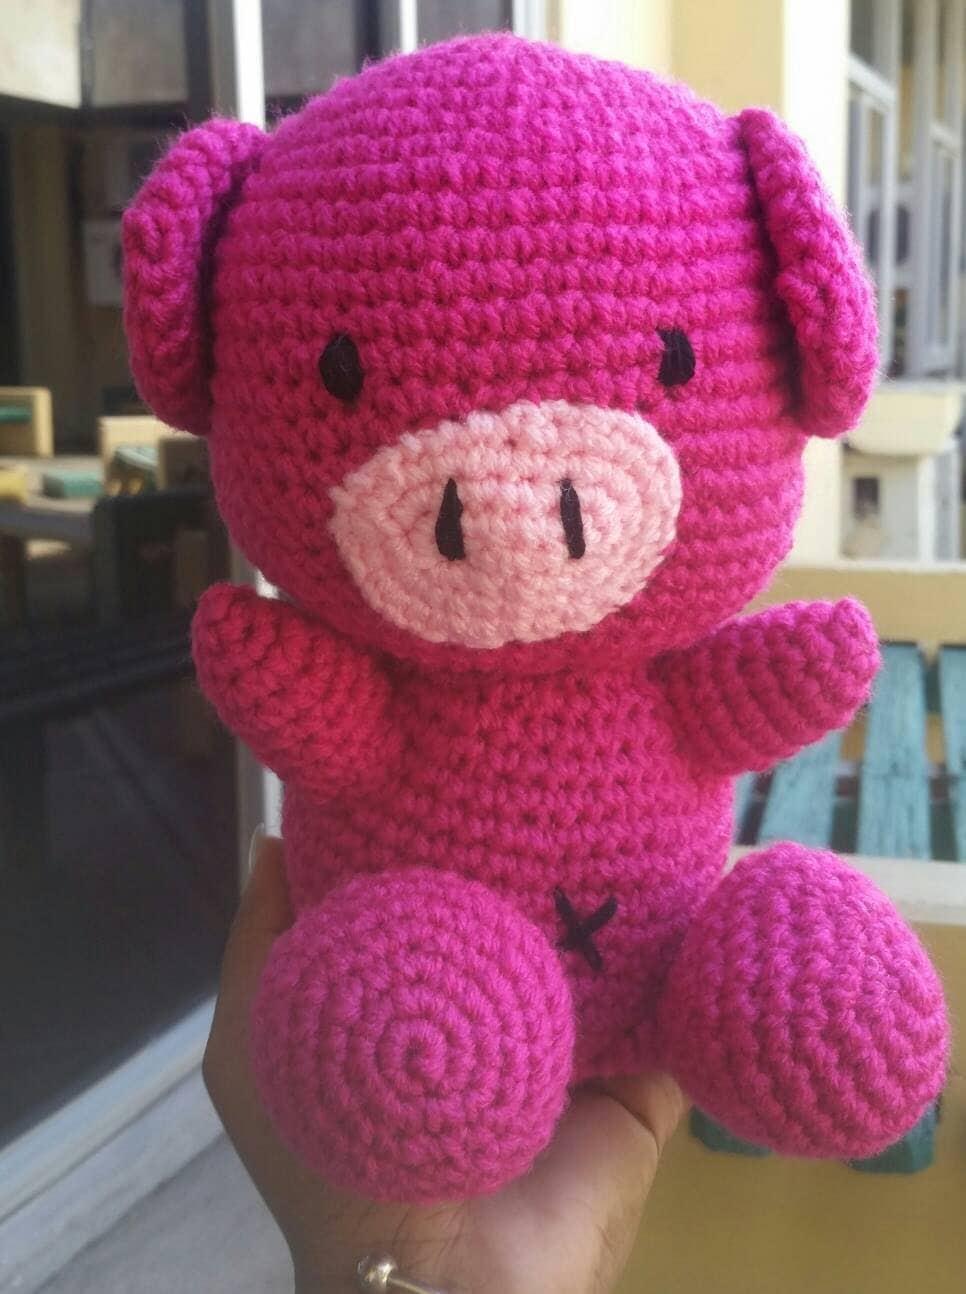 Crochet pig. Amigurumi pig. Amigurumi toys. Stuffed toys.